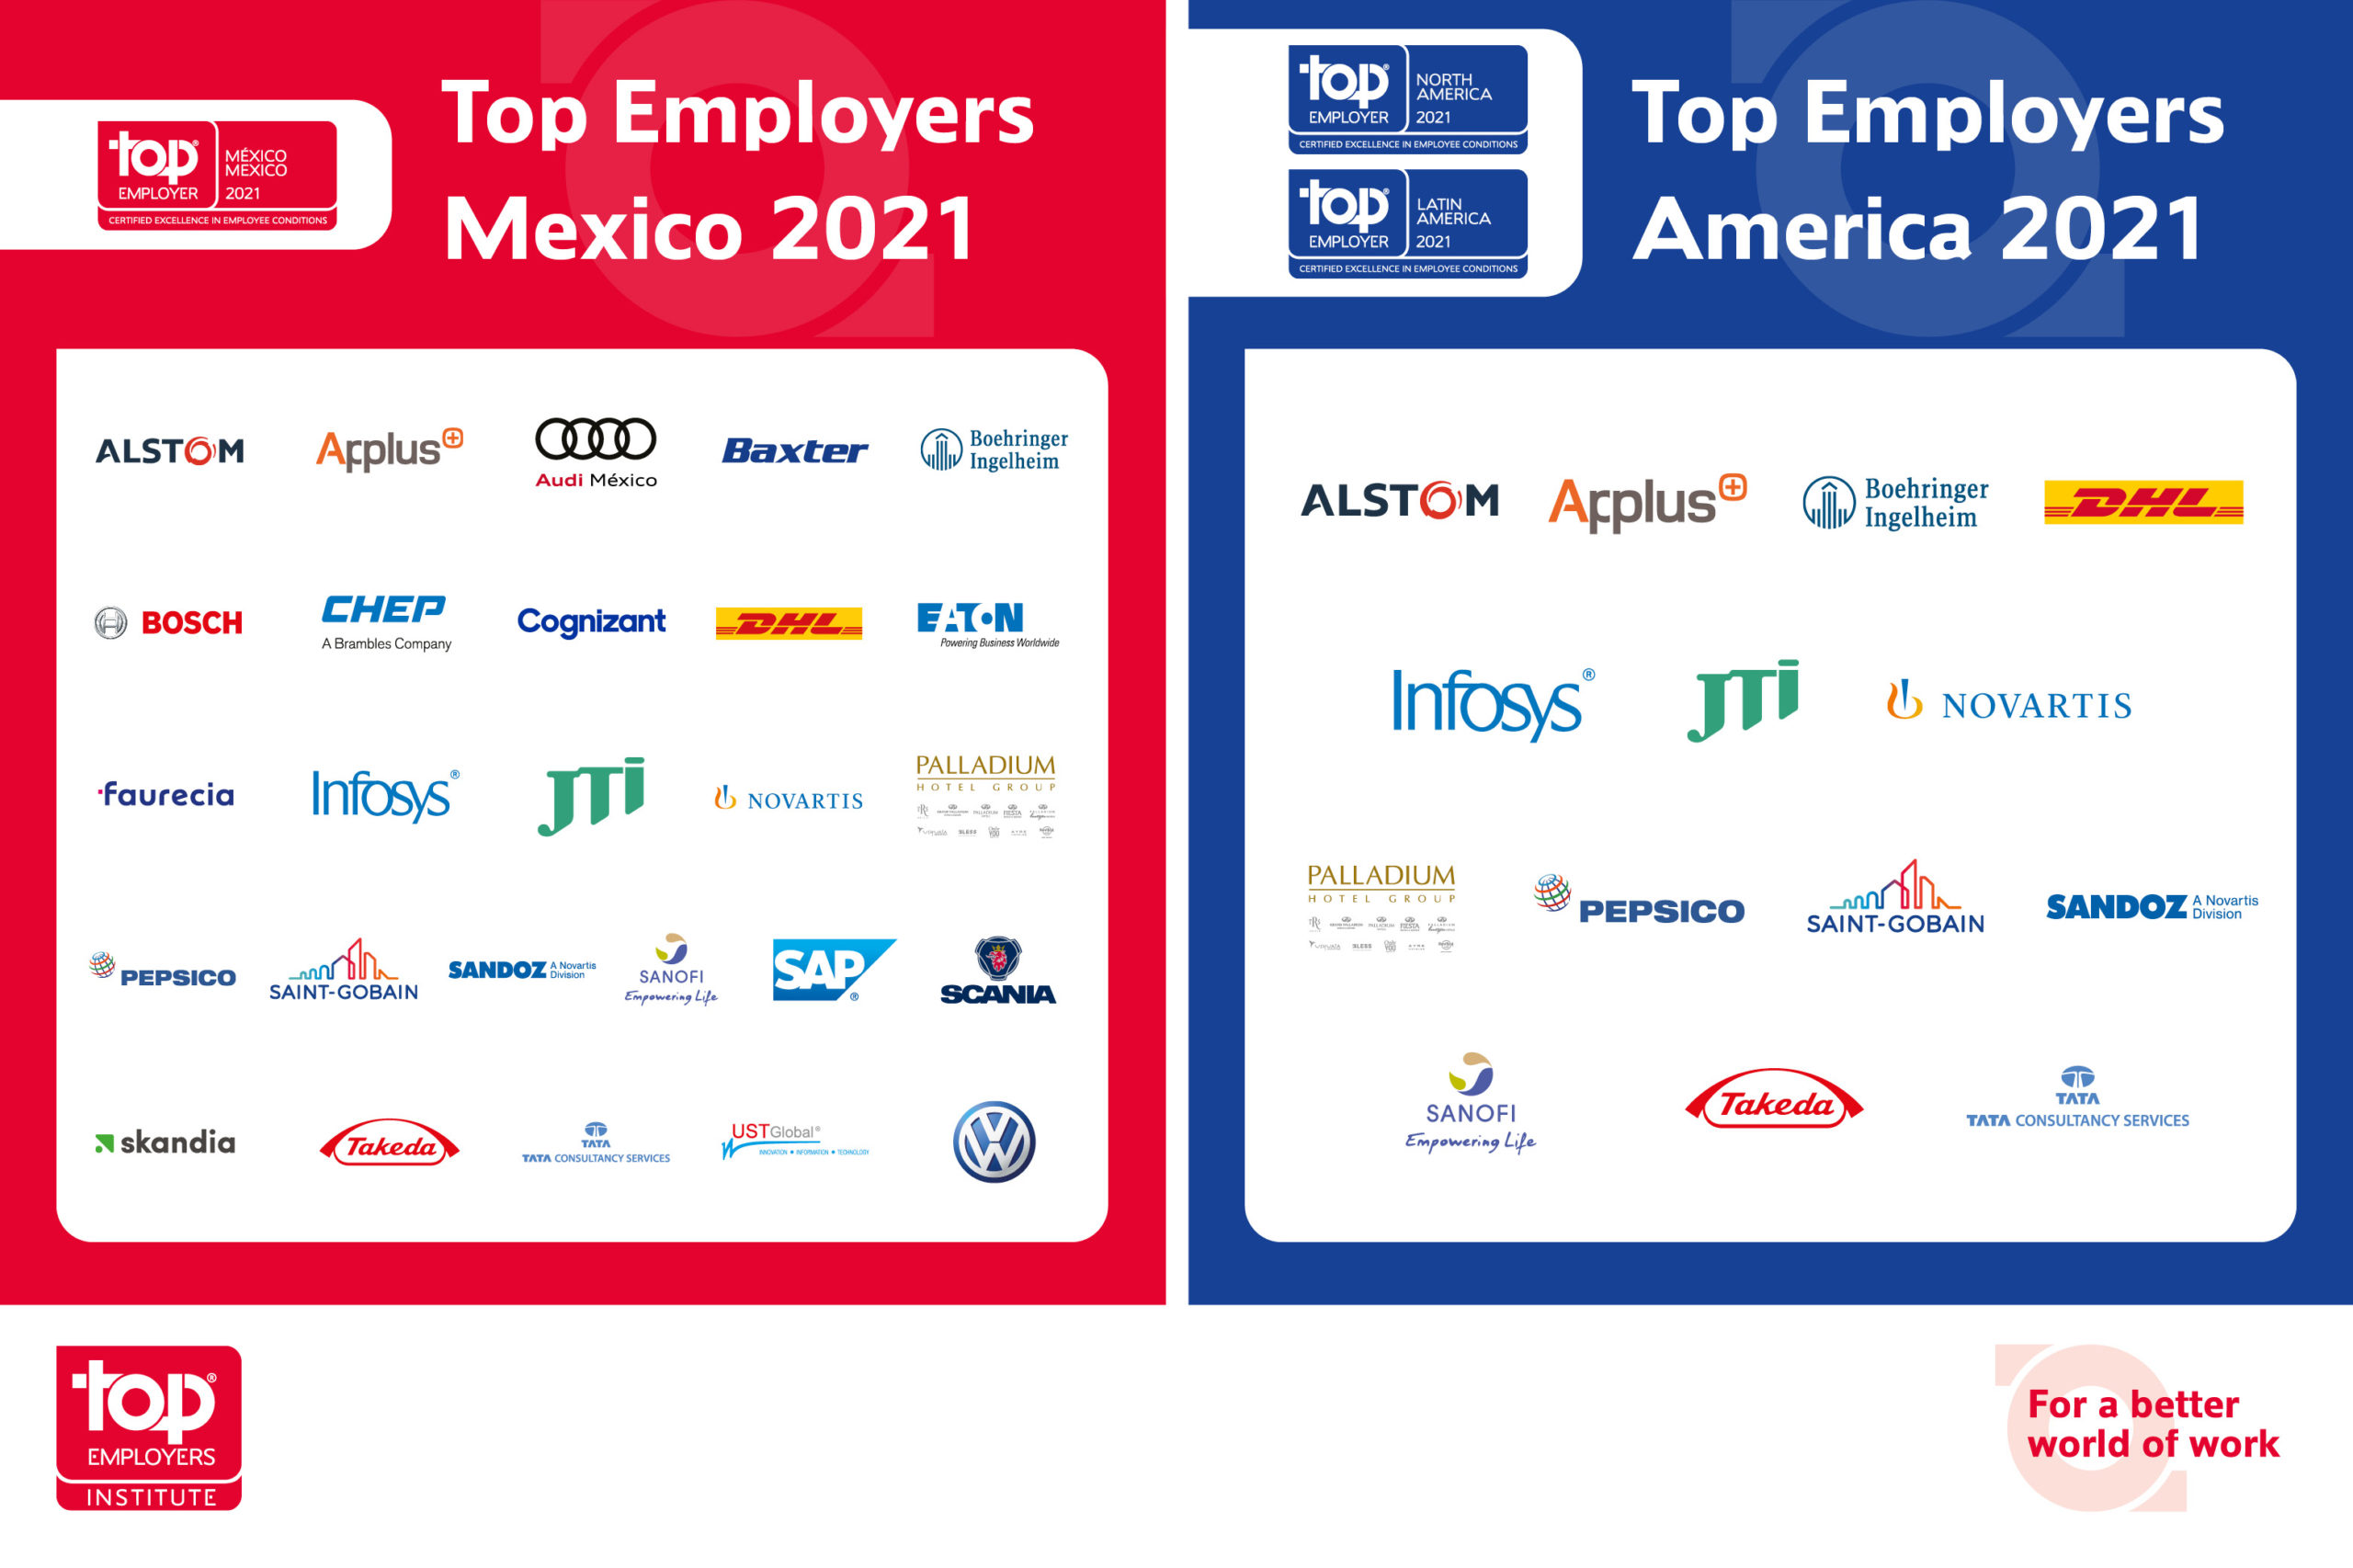 Estas son las 27 empresas con certificación Top Employers